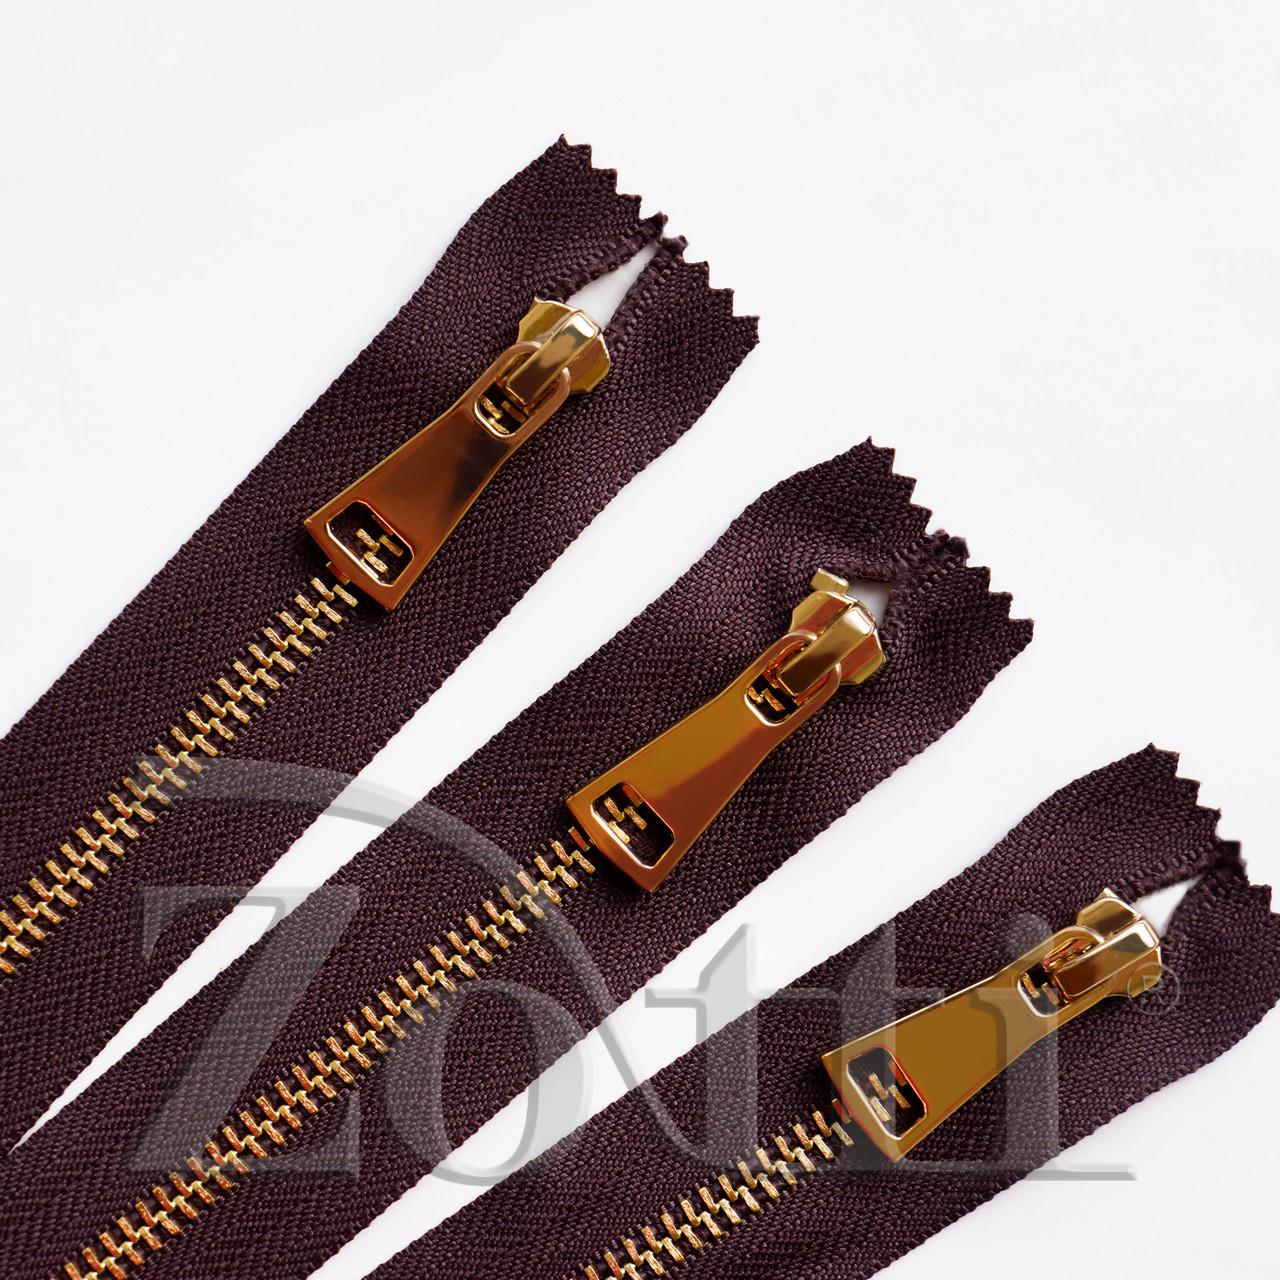 Молния (змейка,застежка) металлическая №5, размерная, обувная, коричневая, с золотым бегунком № 115 - 45 см